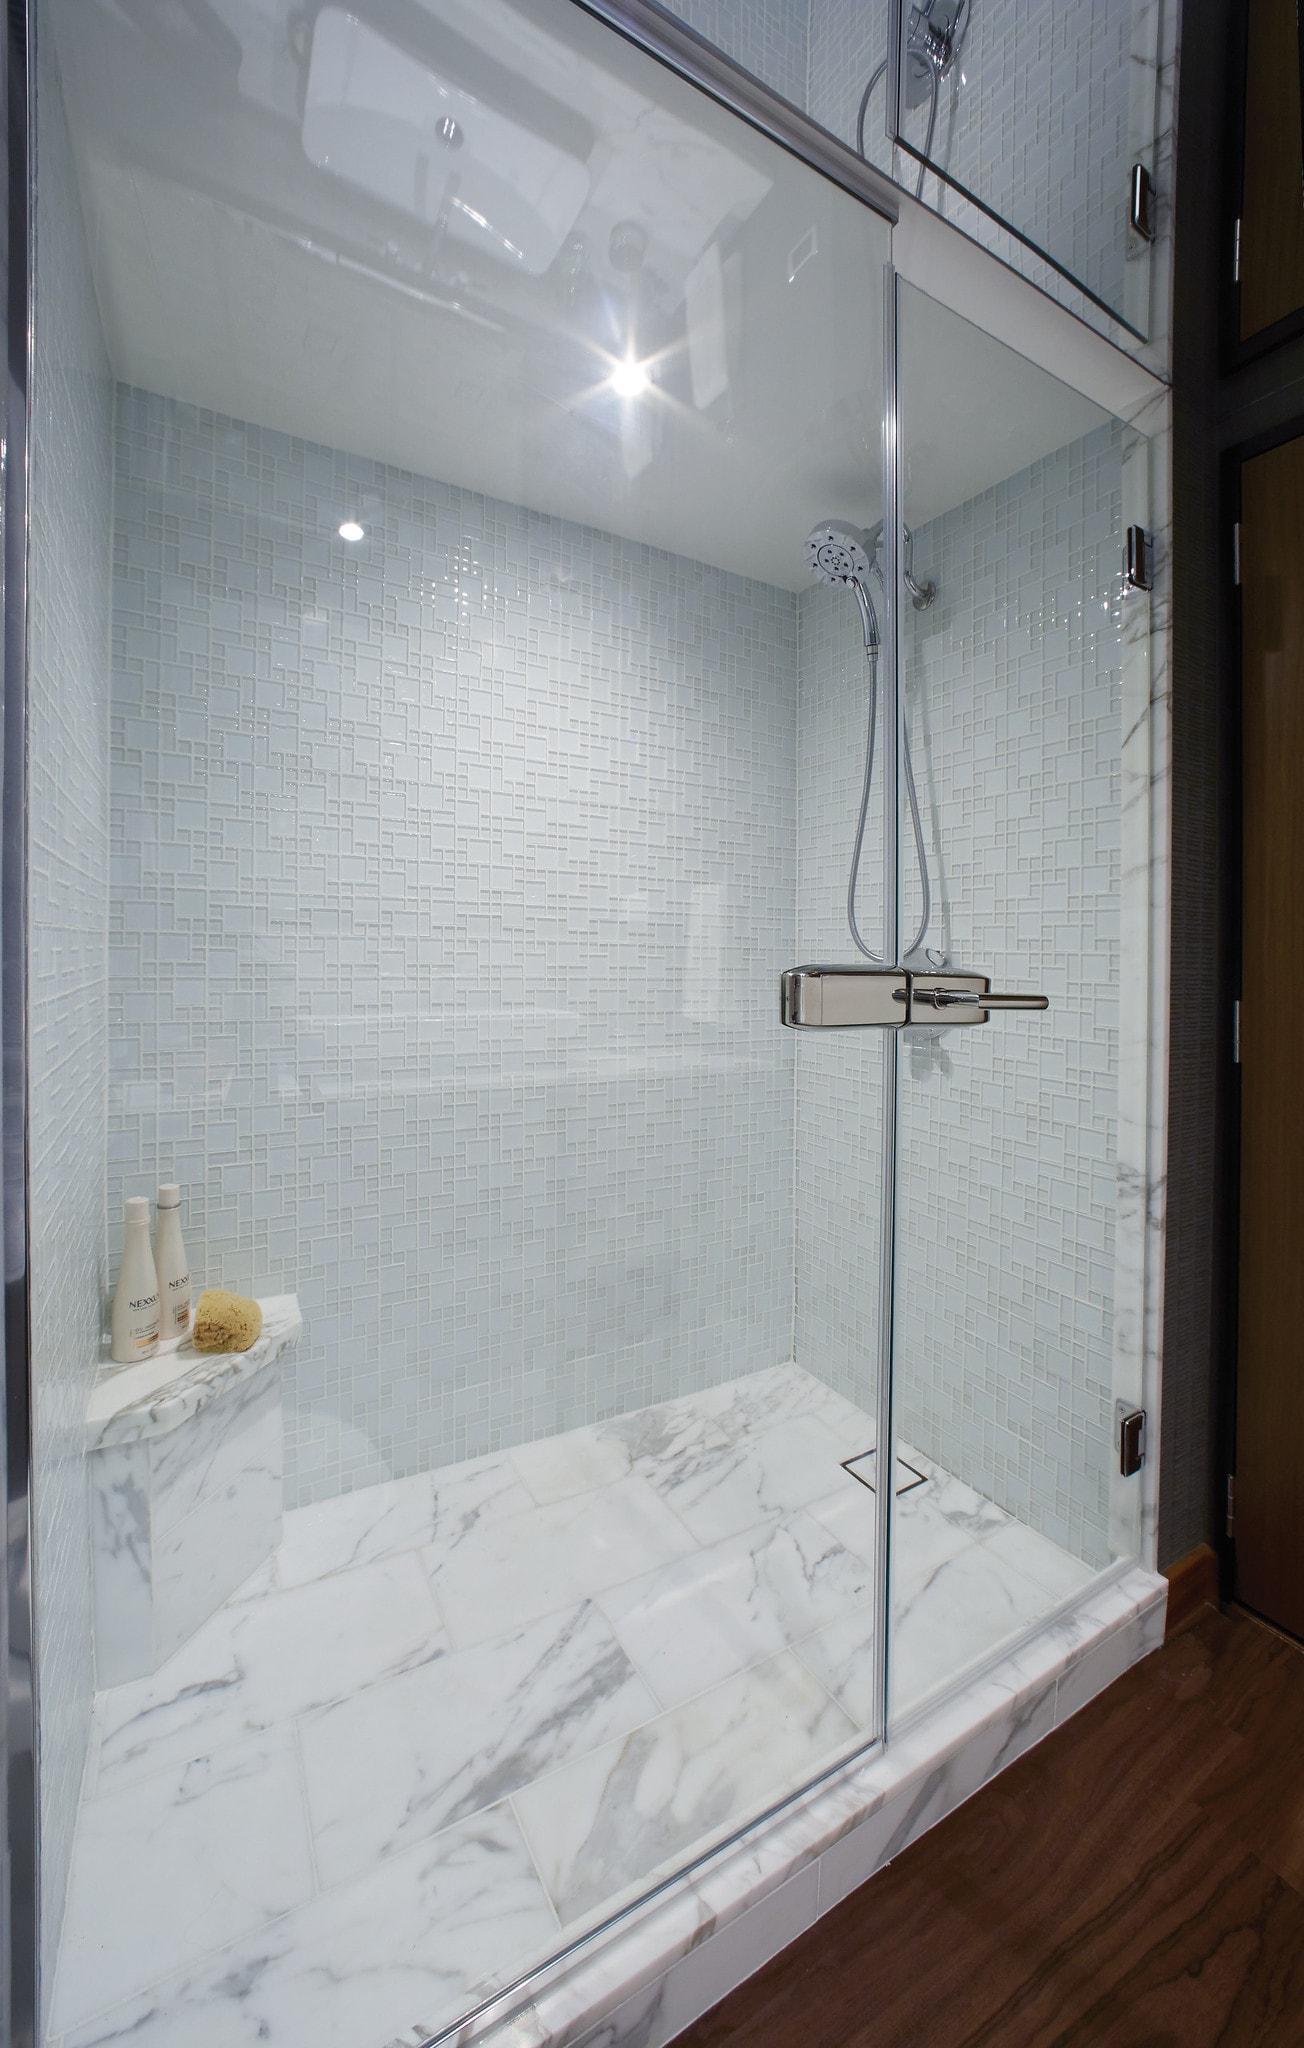 Hatteras M60 Shower